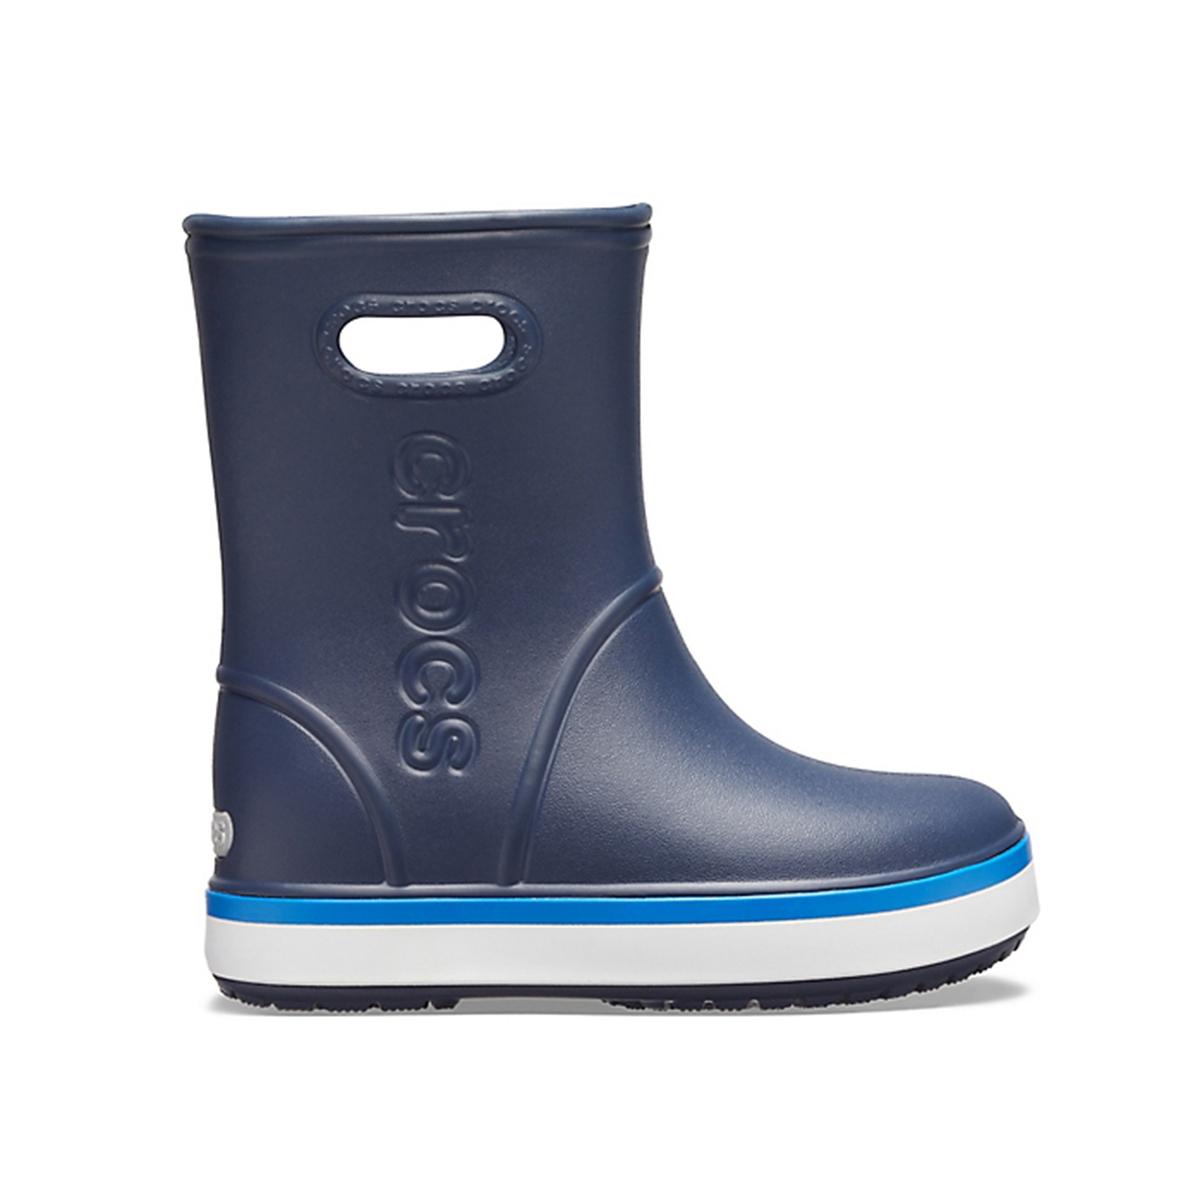 цена Сапоги La Redoute Crocband Rain 27/28 синий онлайн в 2017 году